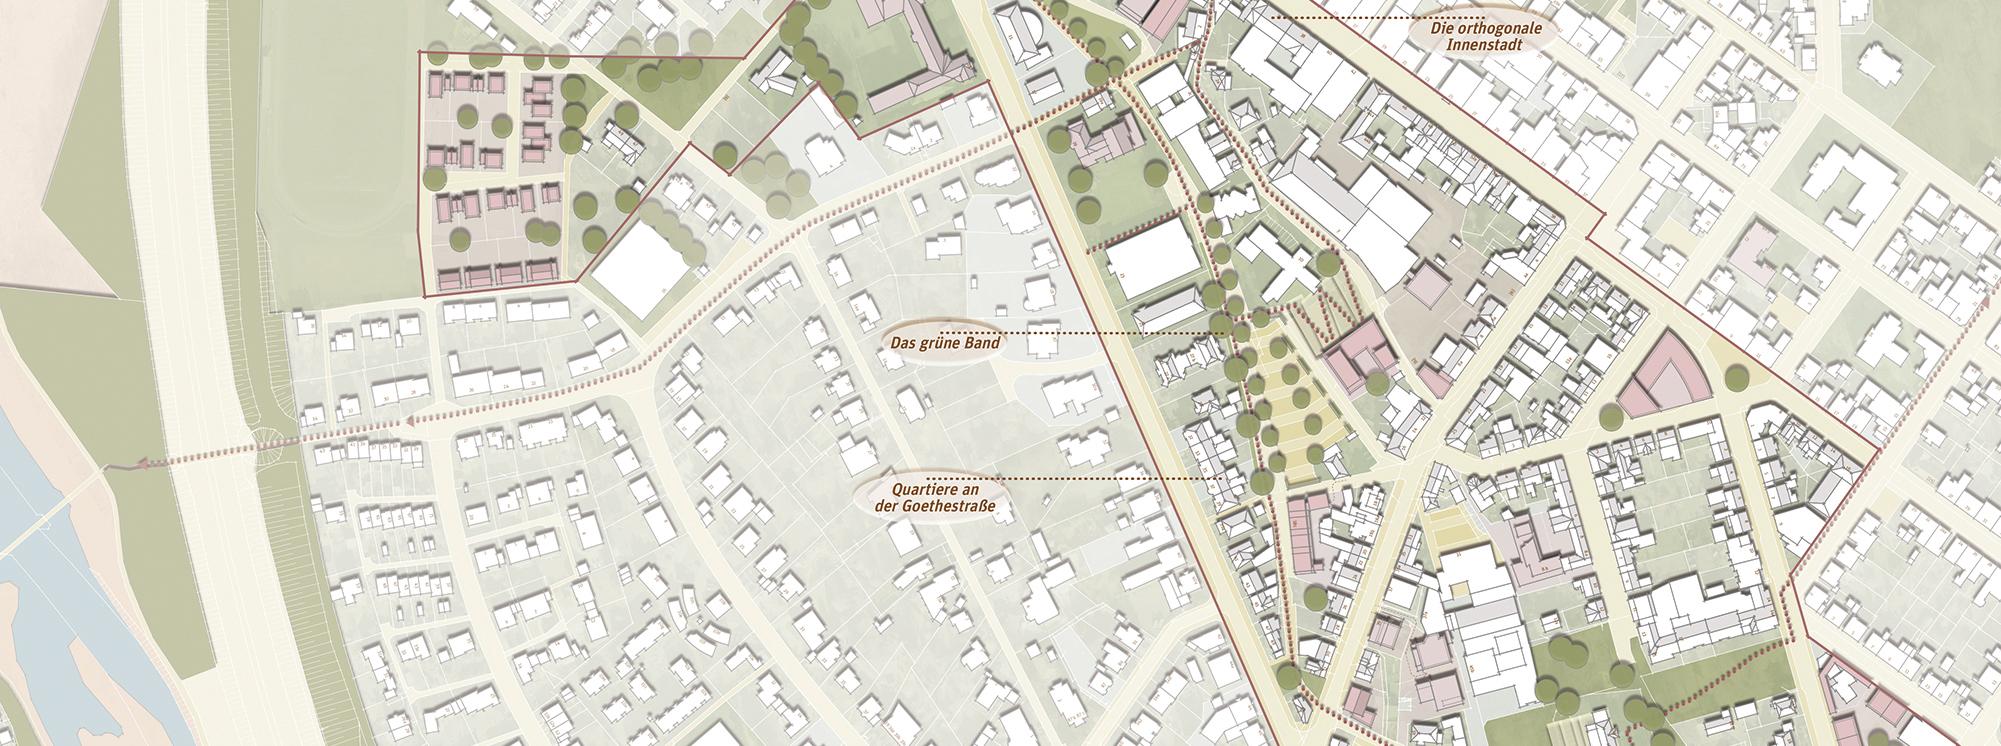 Pesch Partner, Städtebau, Rahmenplan, Arnsberg